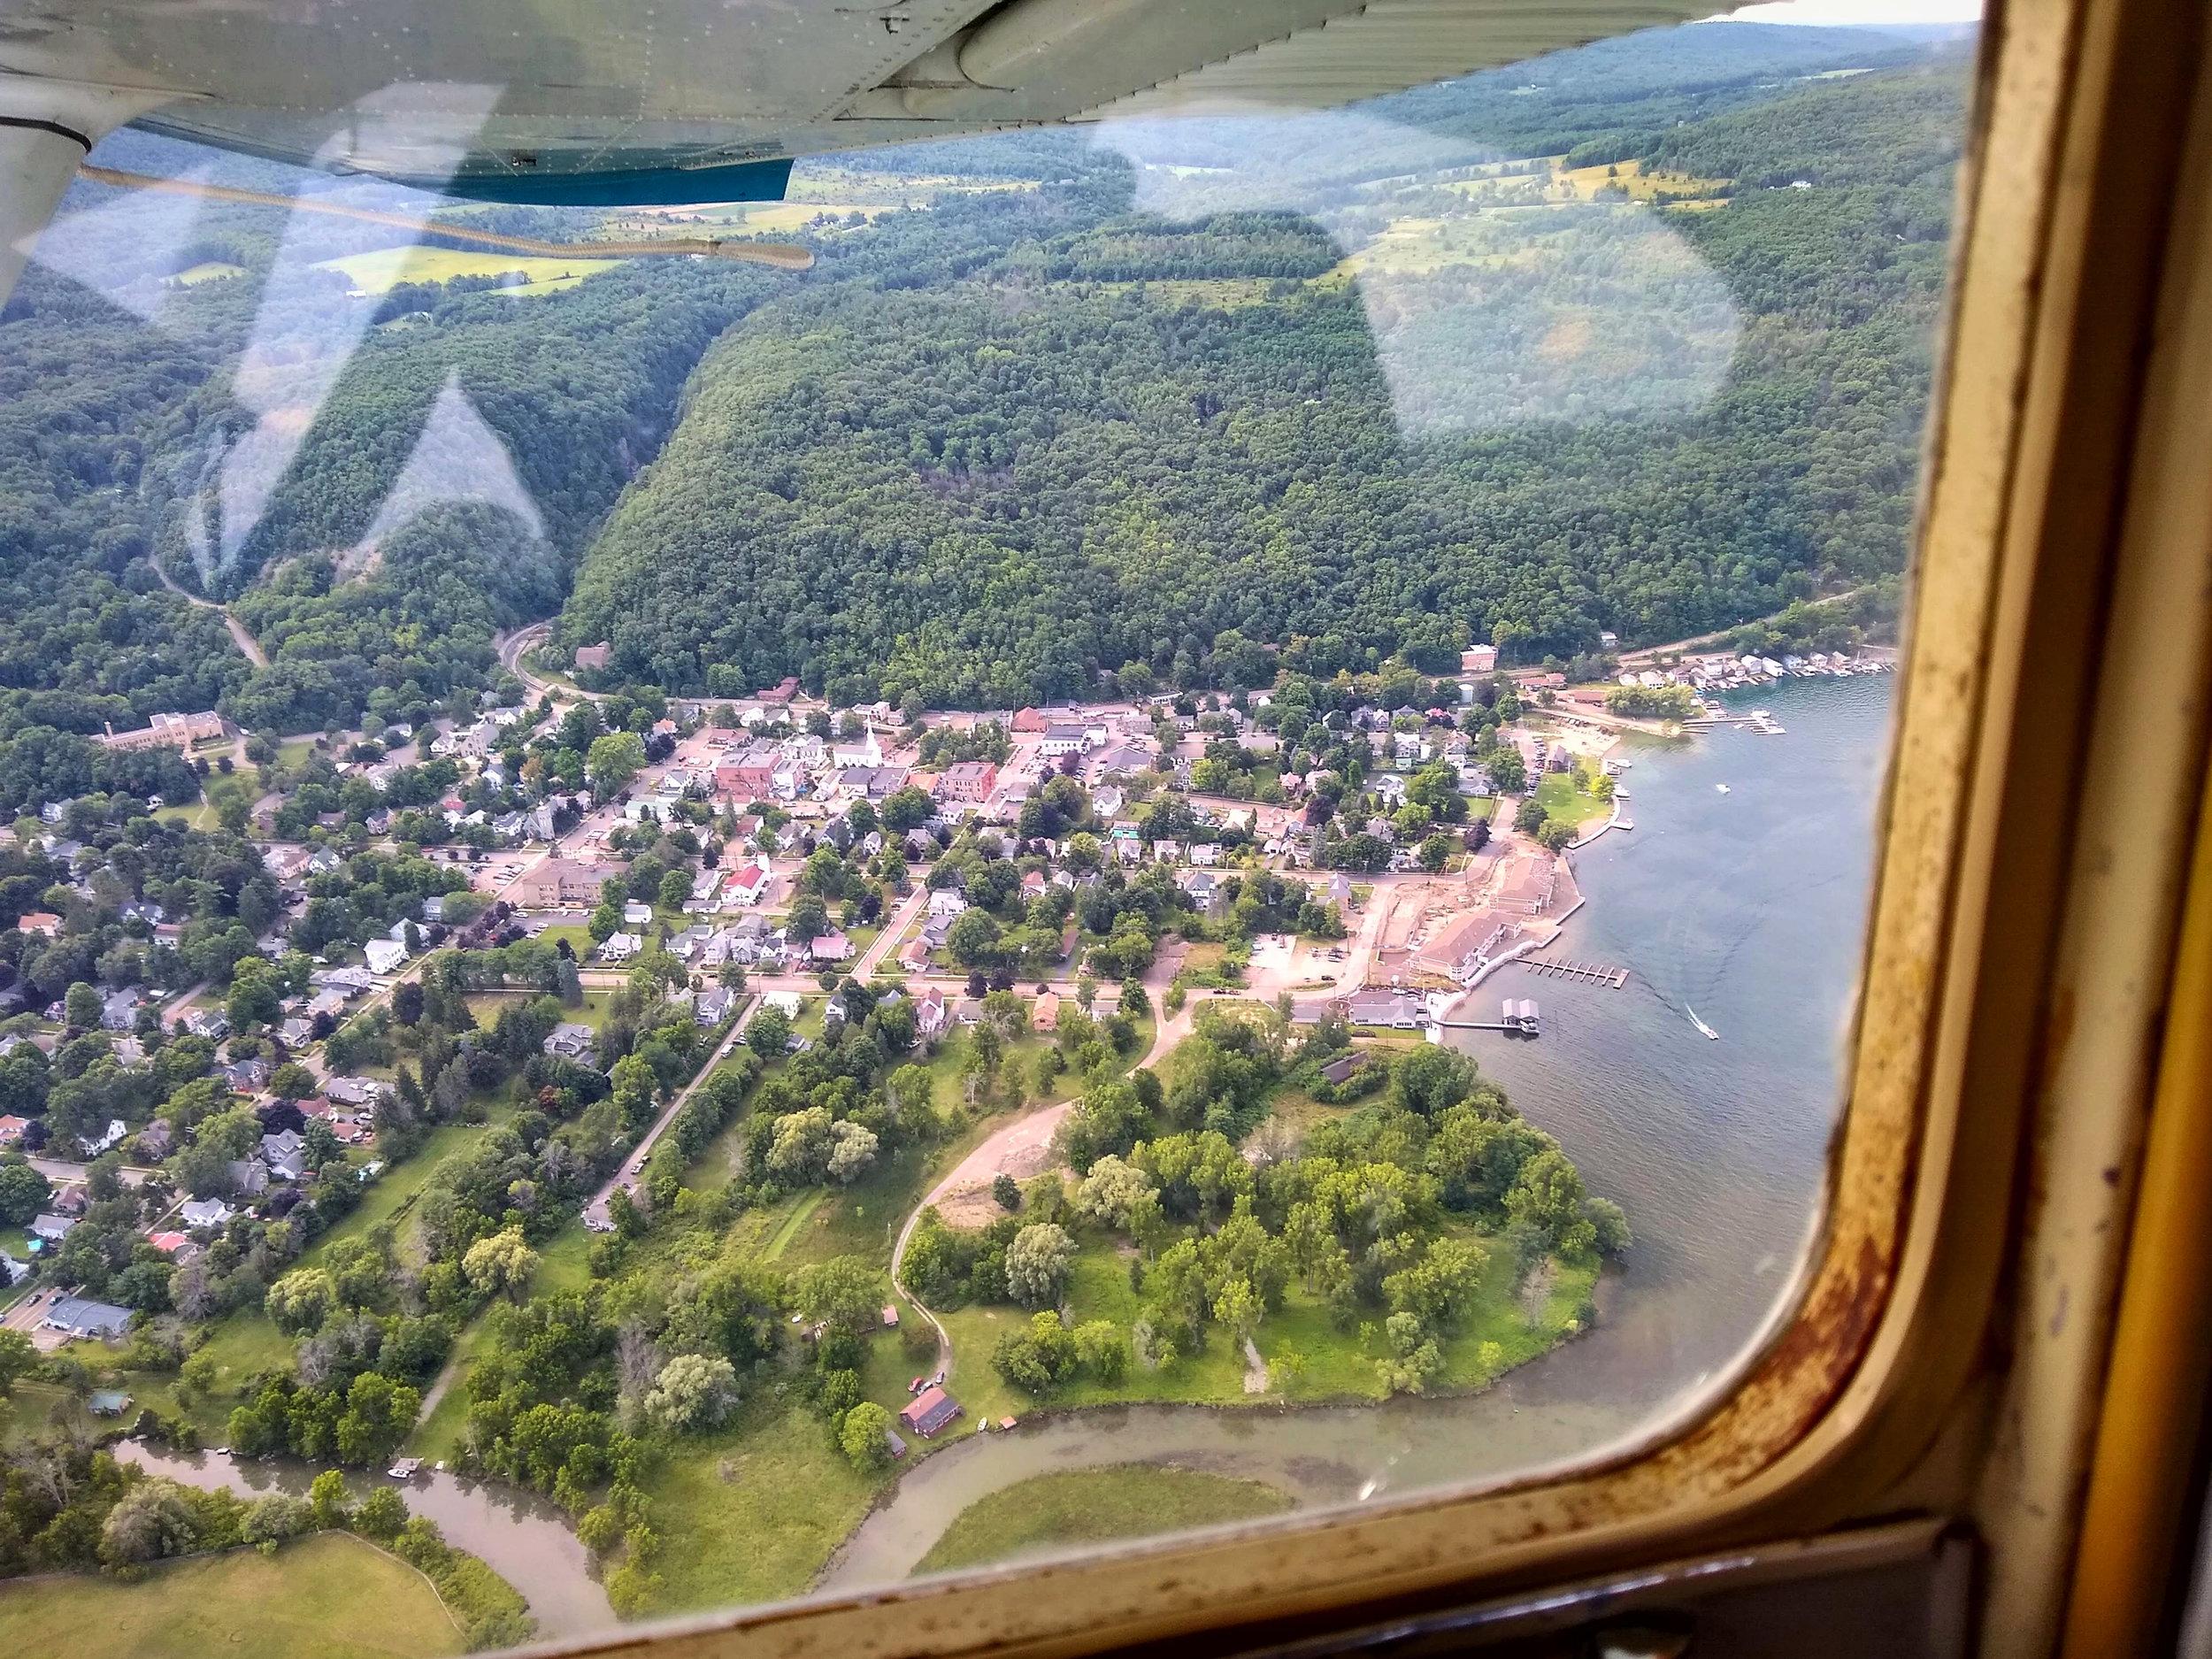 Village of Hammondsport, NY